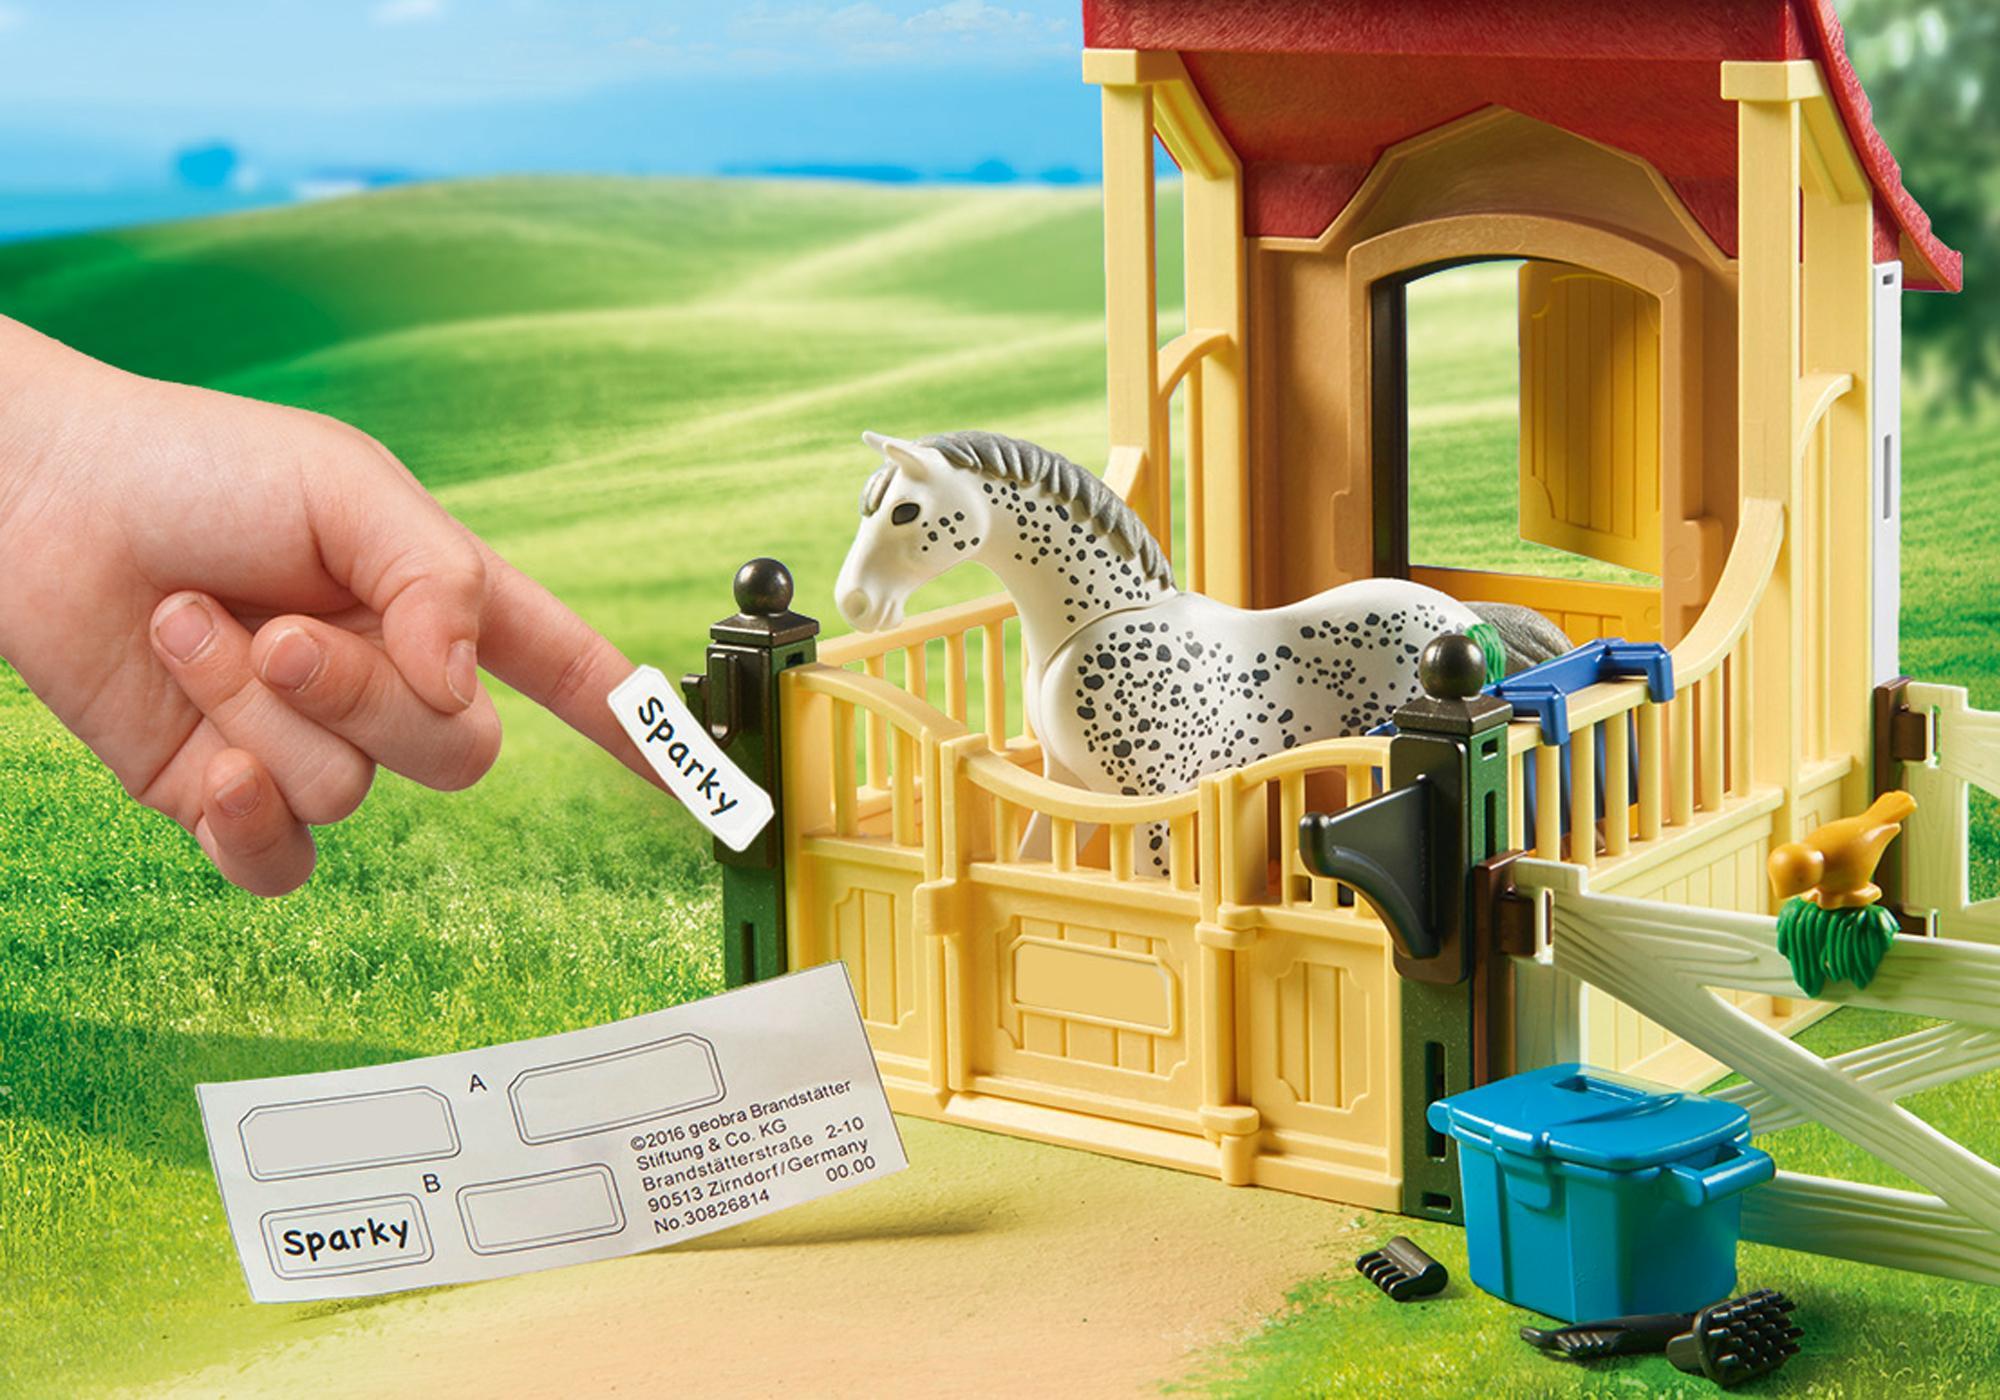 http://media.playmobil.com/i/playmobil/6935_product_extra1/Stalla con cavallo Appaloosa